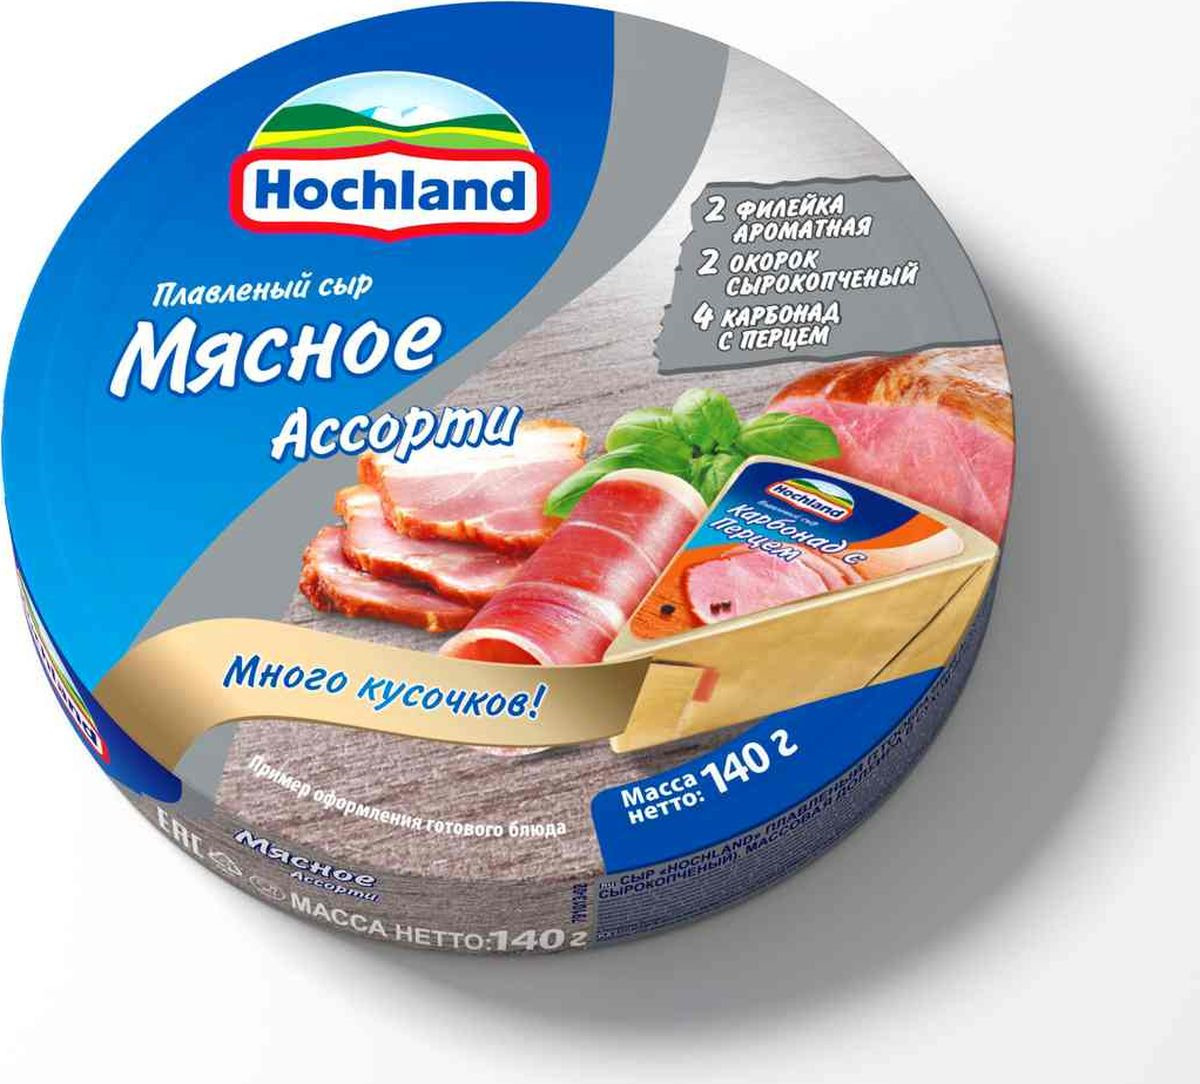 Плавленый сыр Hochland Ассорти Мясное, 140 г